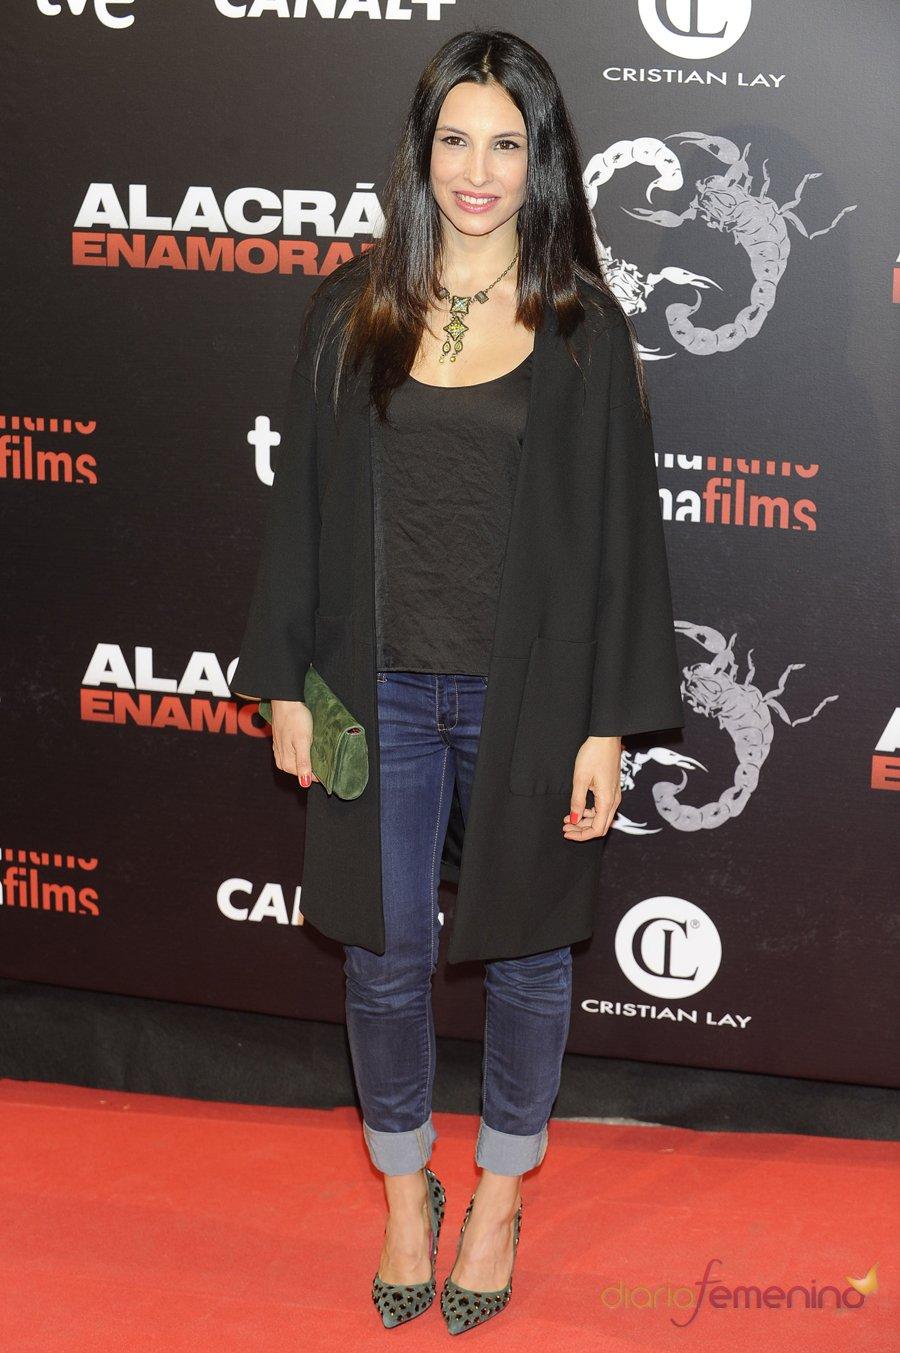 El look de Xenia Tostado en la premiere de 'Alacrán enamorado'